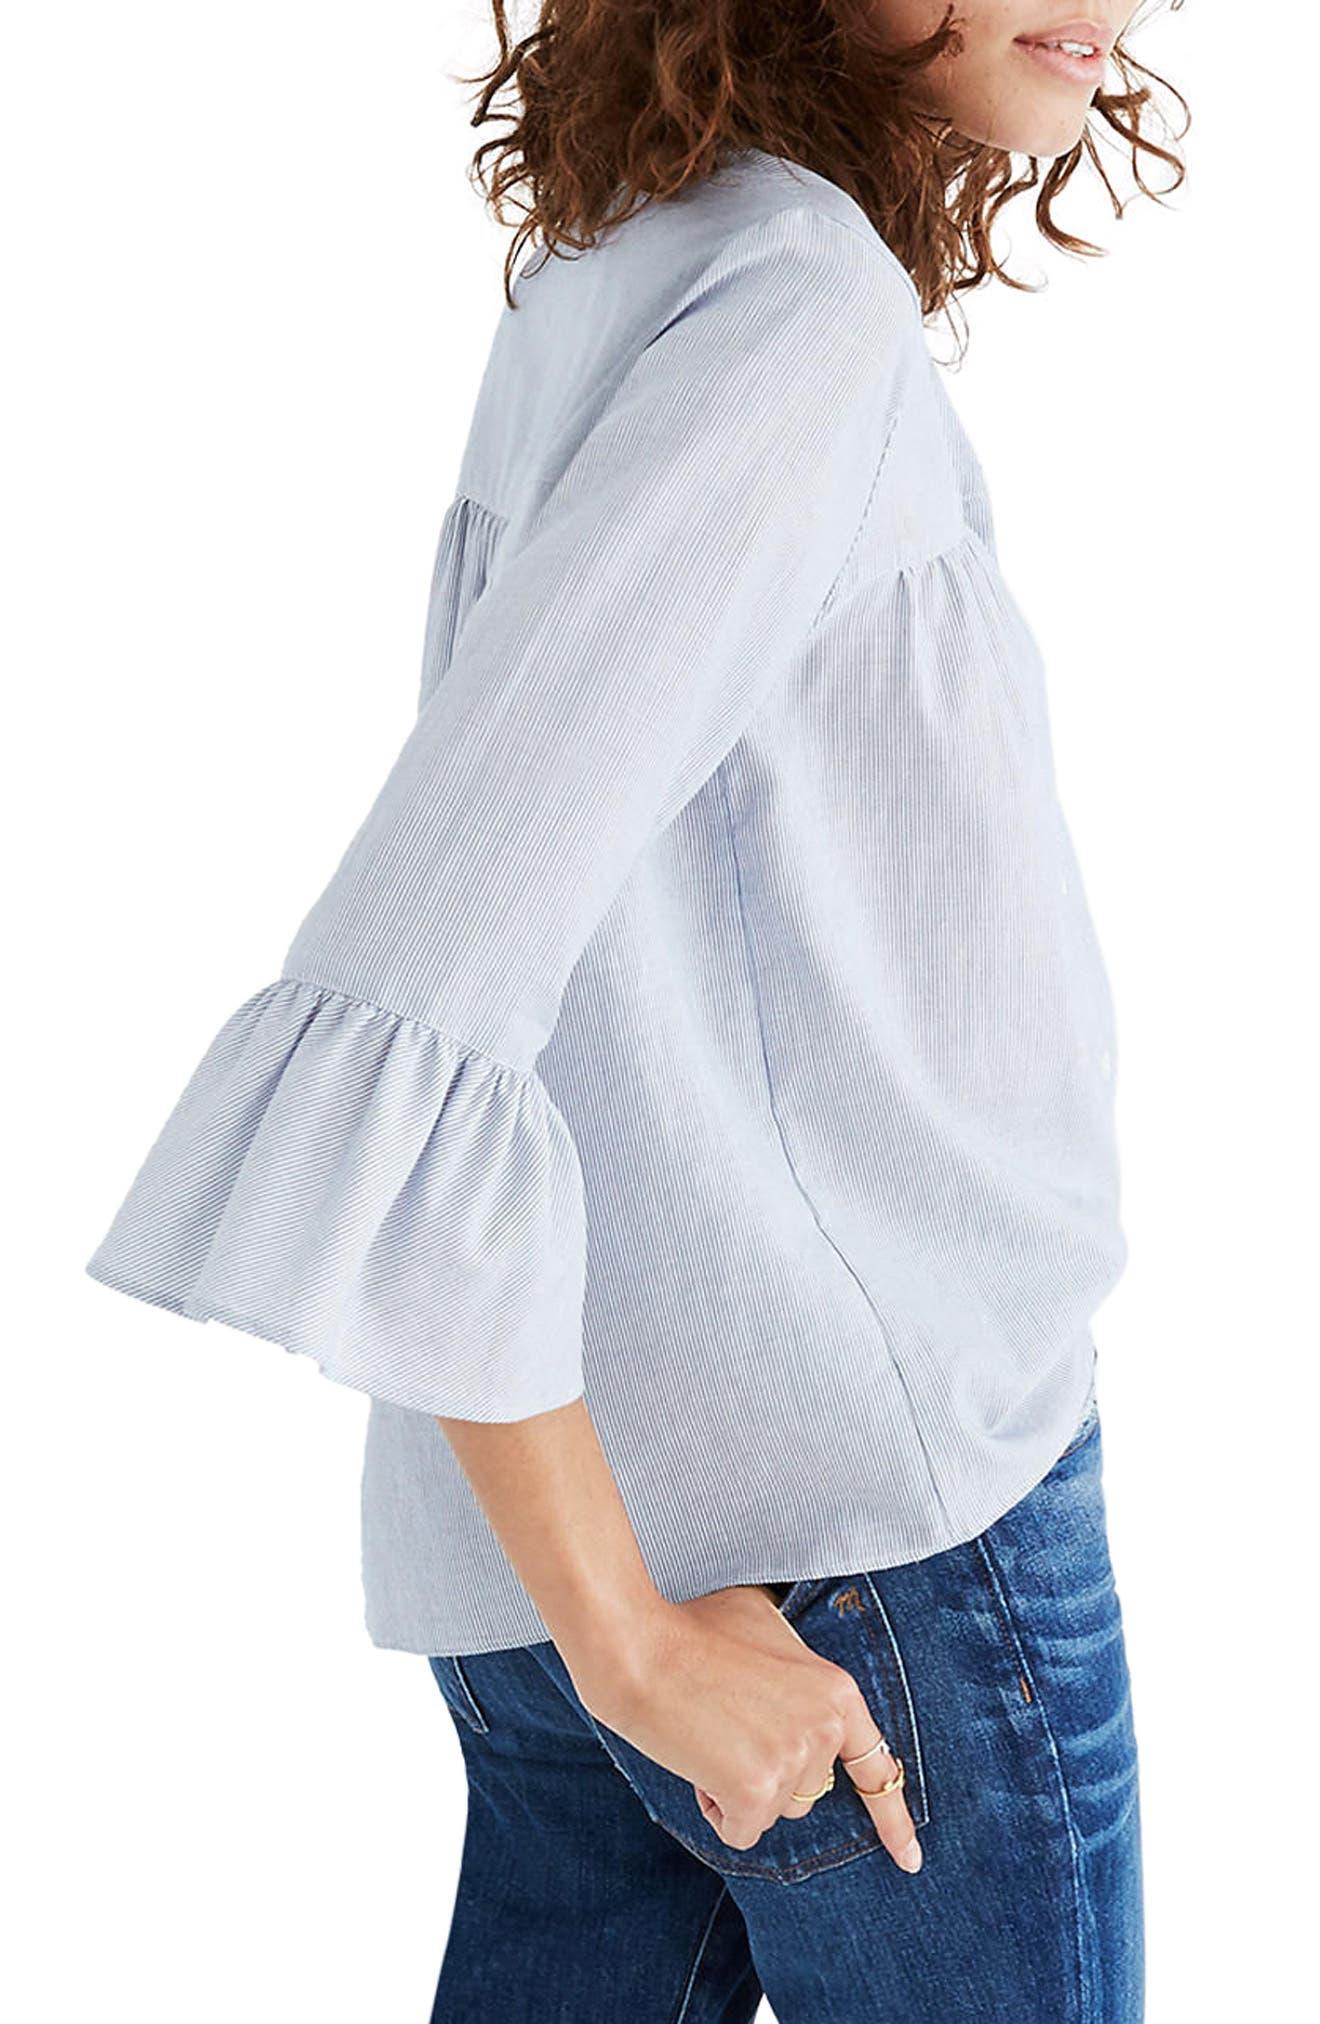 Veranda Bell Sleeve Shirt,                             Alternate thumbnail 2, color,